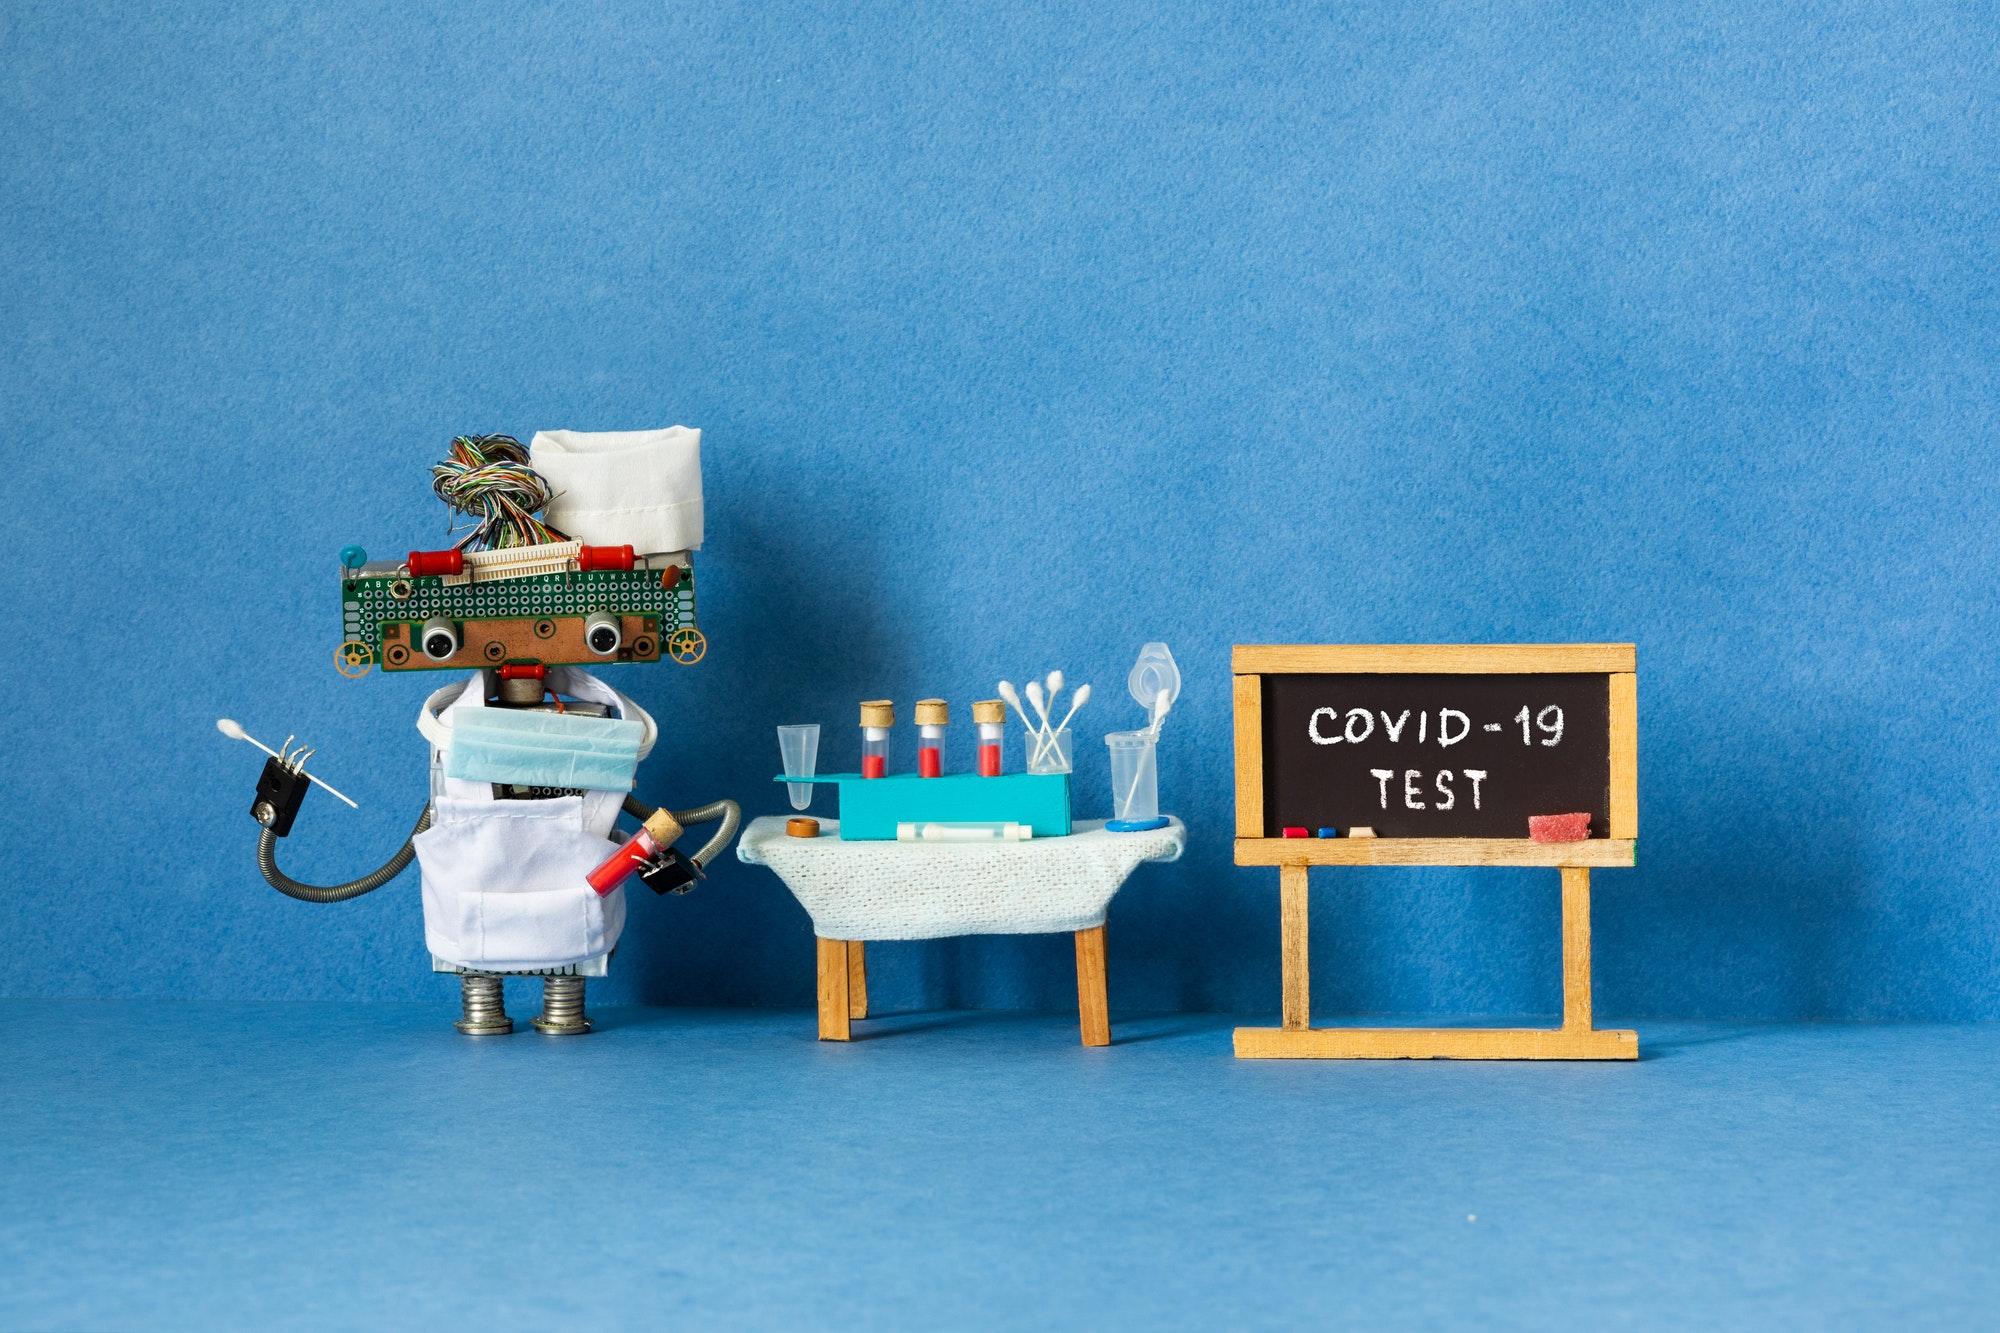 Hukum Melakukan Swab Test Covid-19 Pada Saat Berpuasa